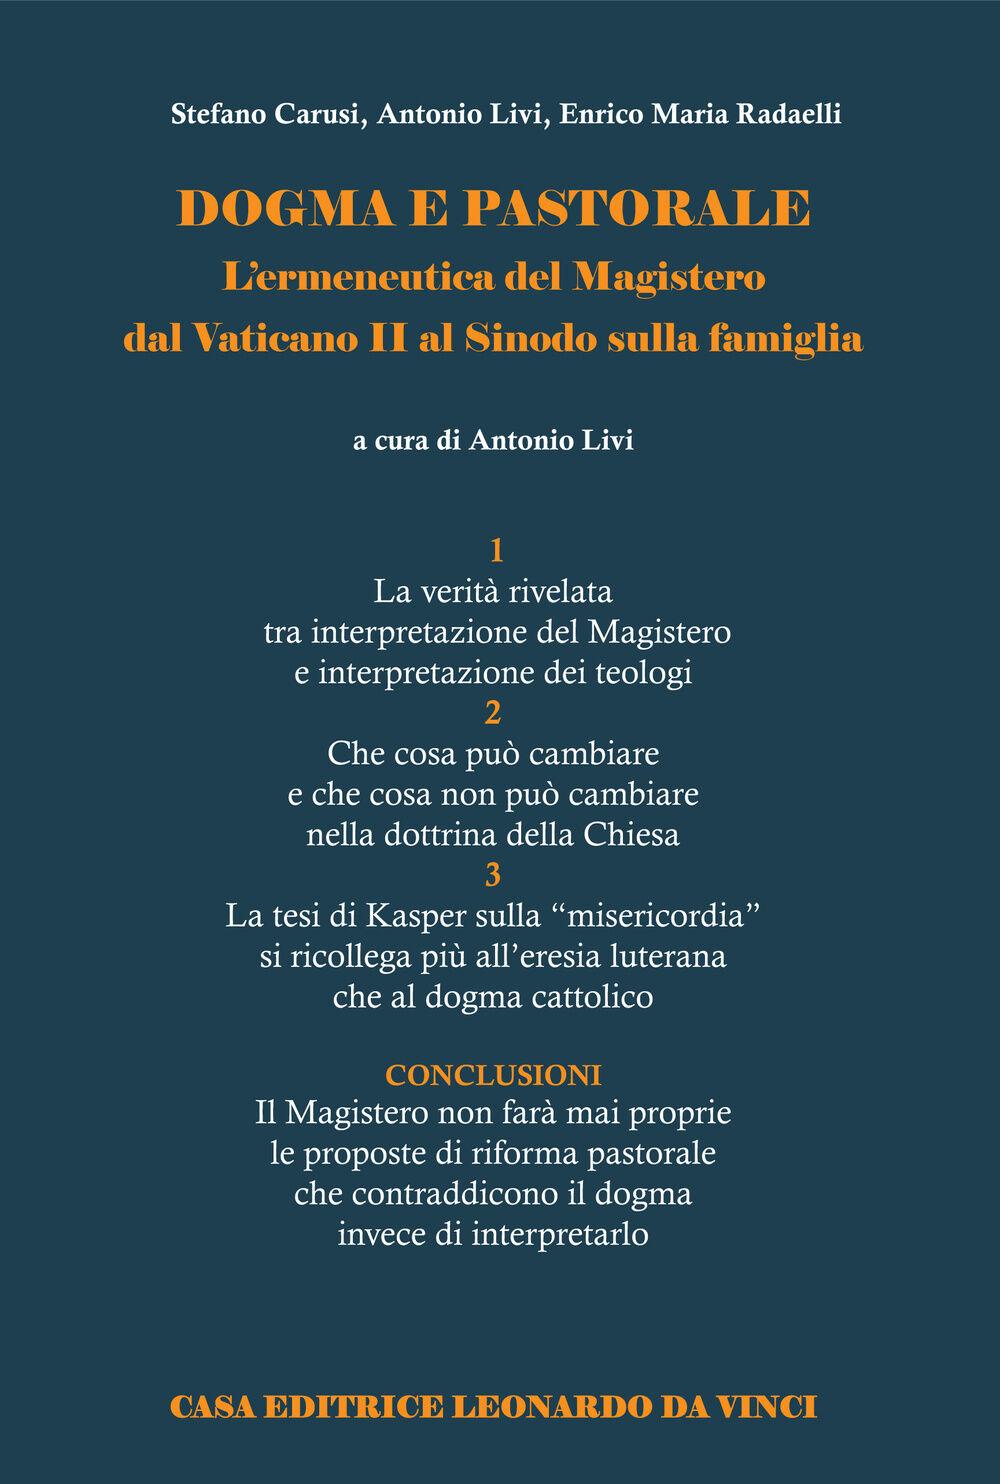 Dogma e pastorale. L'ermeneutica del Magistero dal Vaticano II al Sinodo sulla famiglia